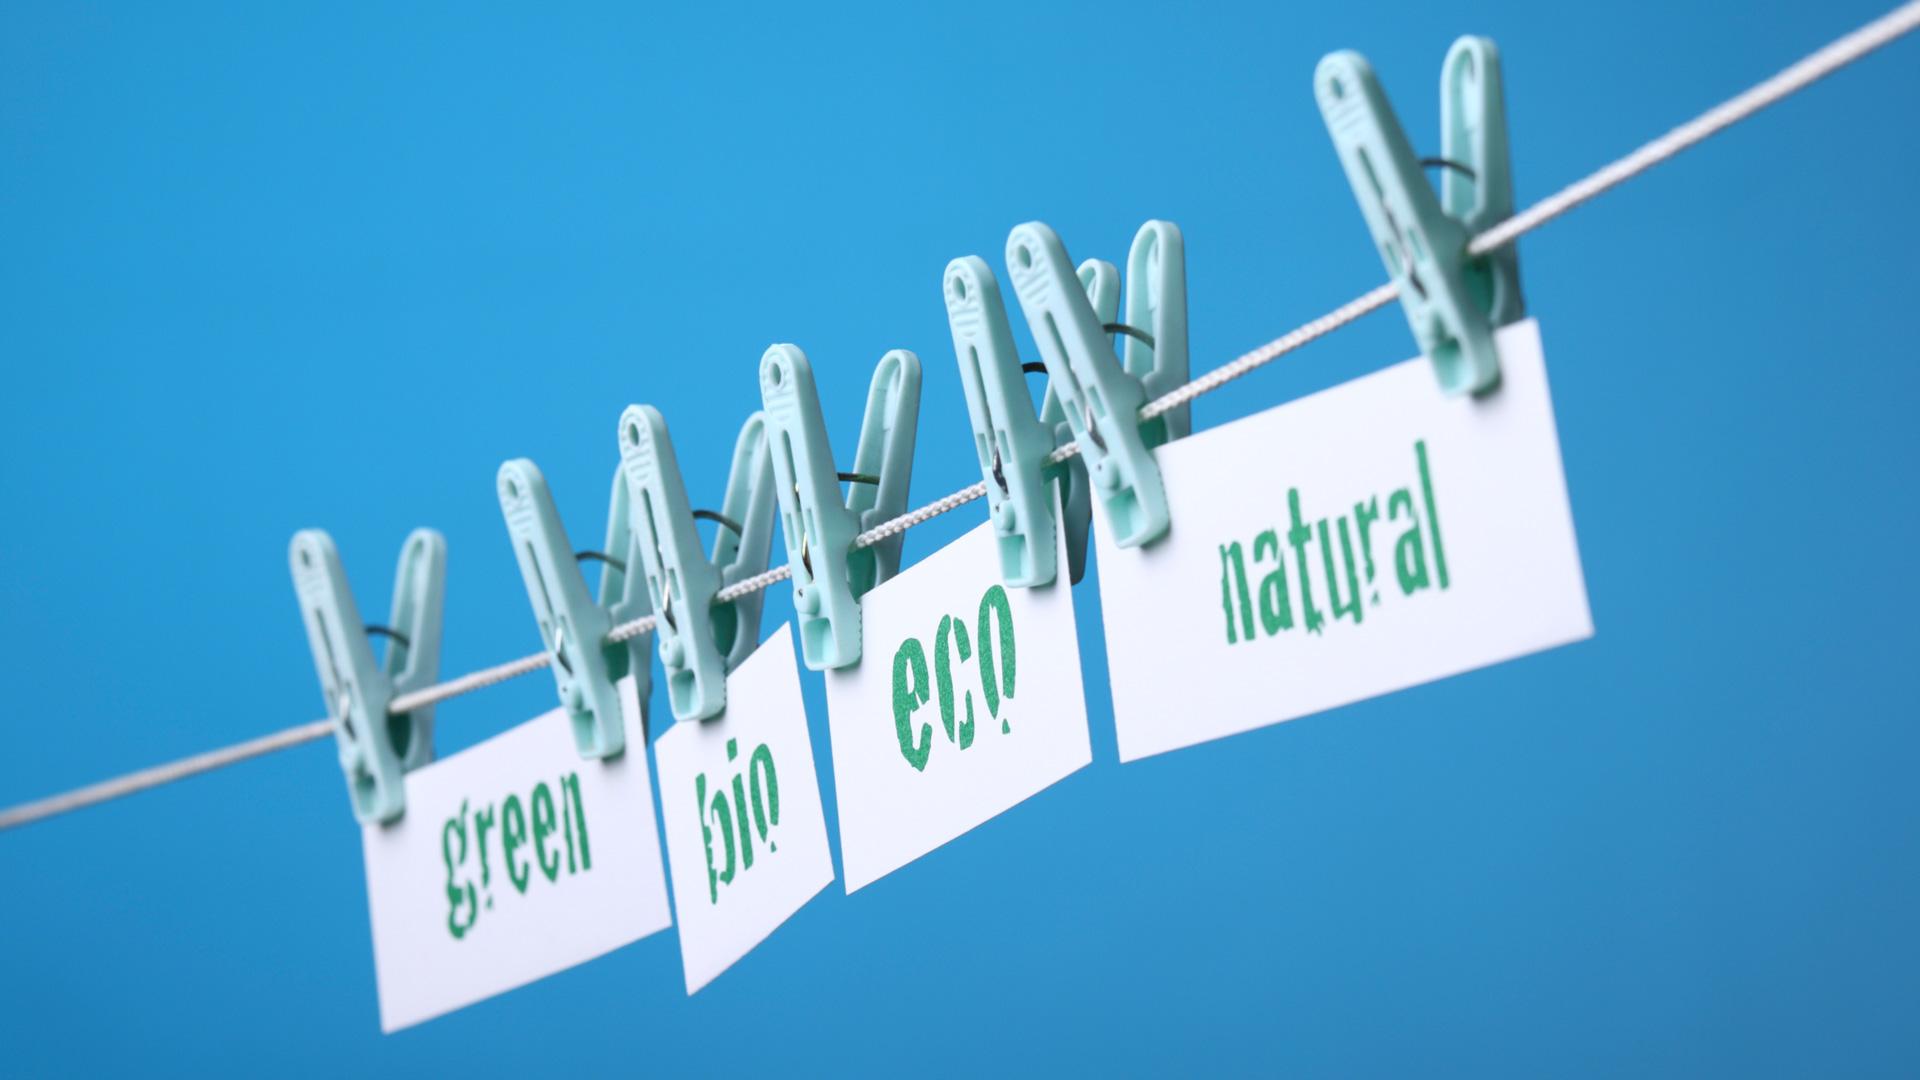 EU-Taxonomie: Bestimmen, was nachhaltig ist zur Beurteilung für Green Investments